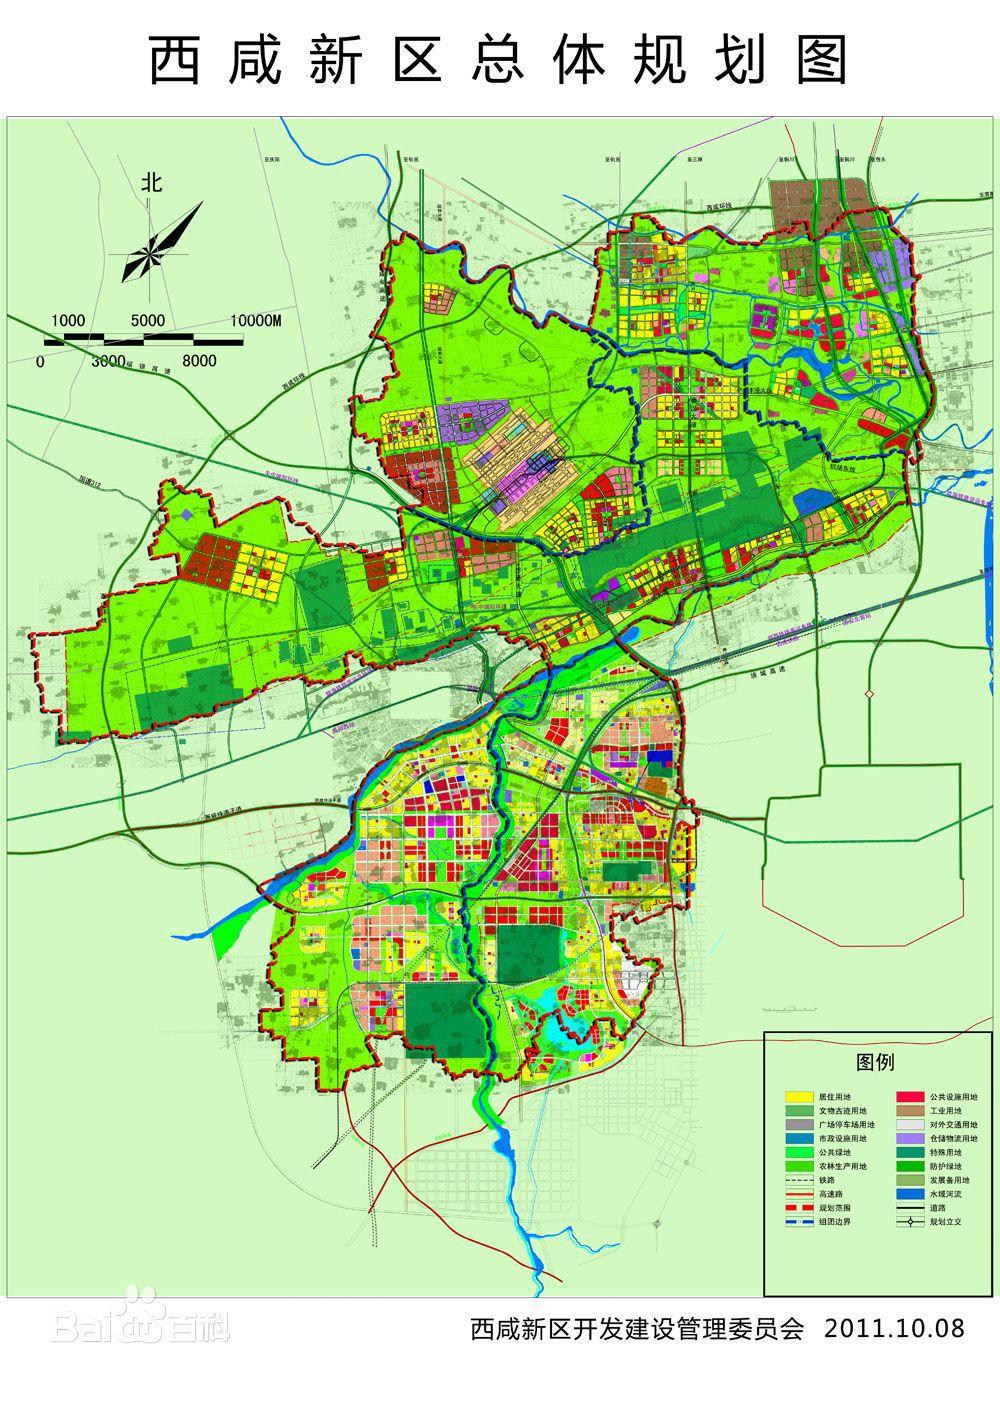 西咸新区总体规划图